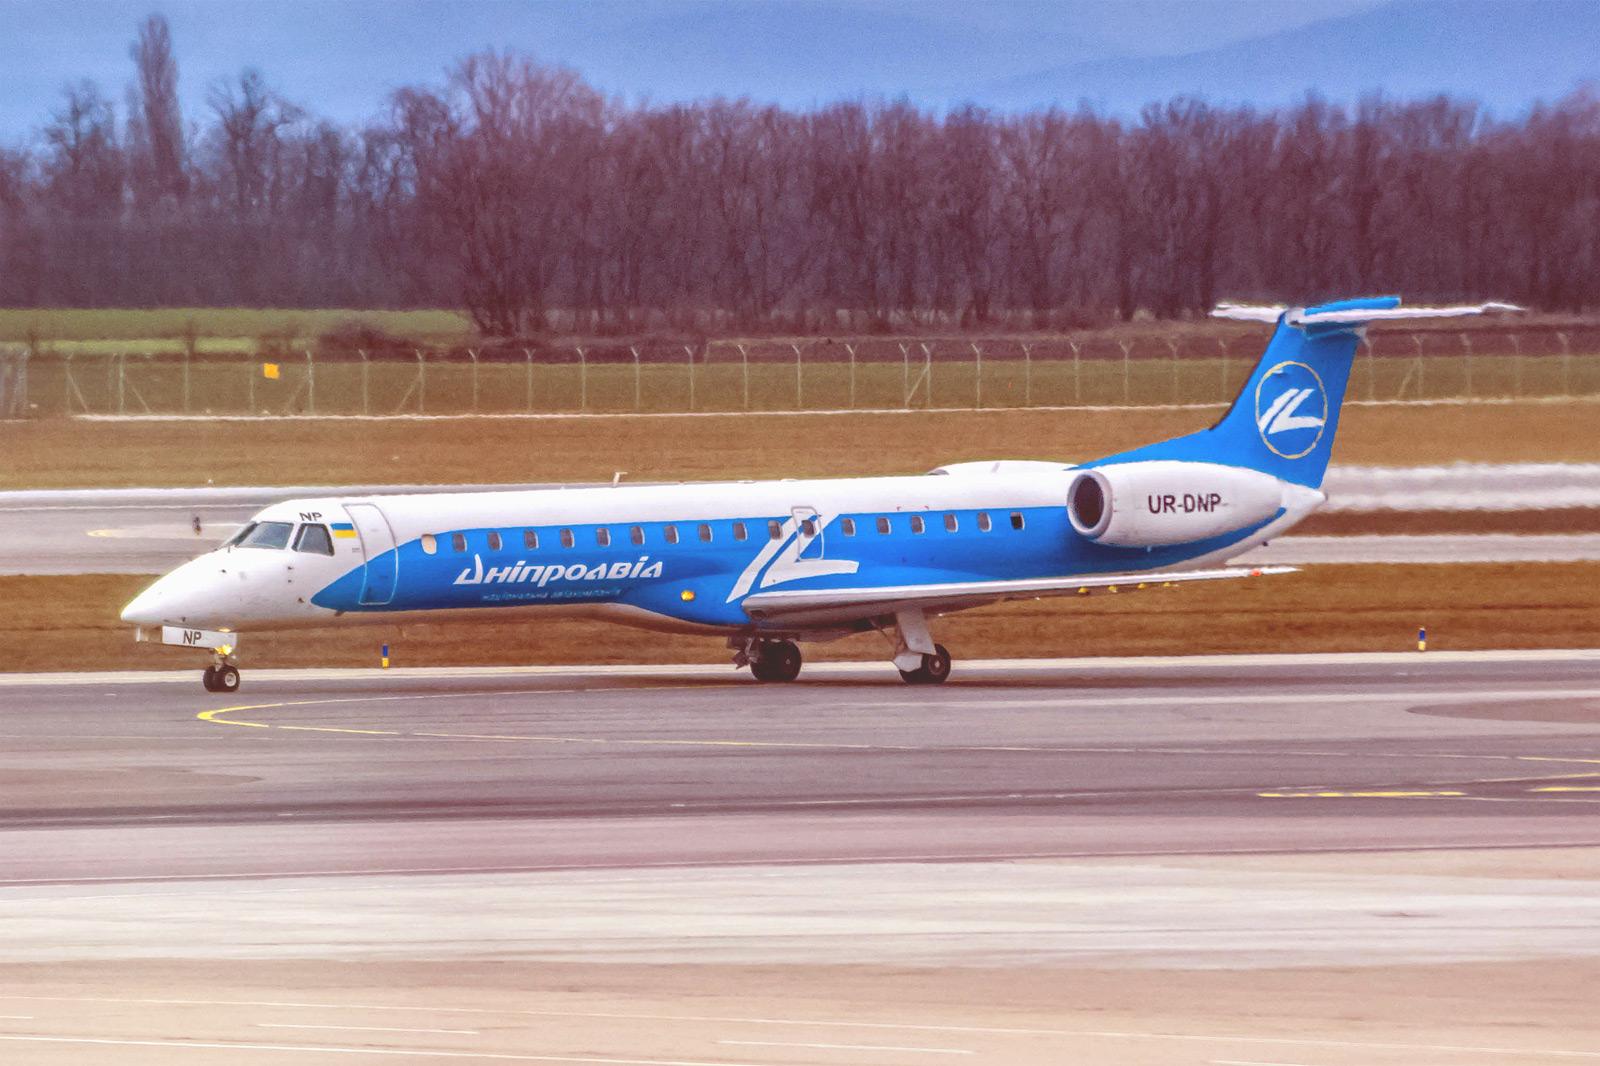 """Самолет Embraer ERJ-145 UR-DNP авиакомпании """"Днеправиа"""" в аэропорту Вены"""